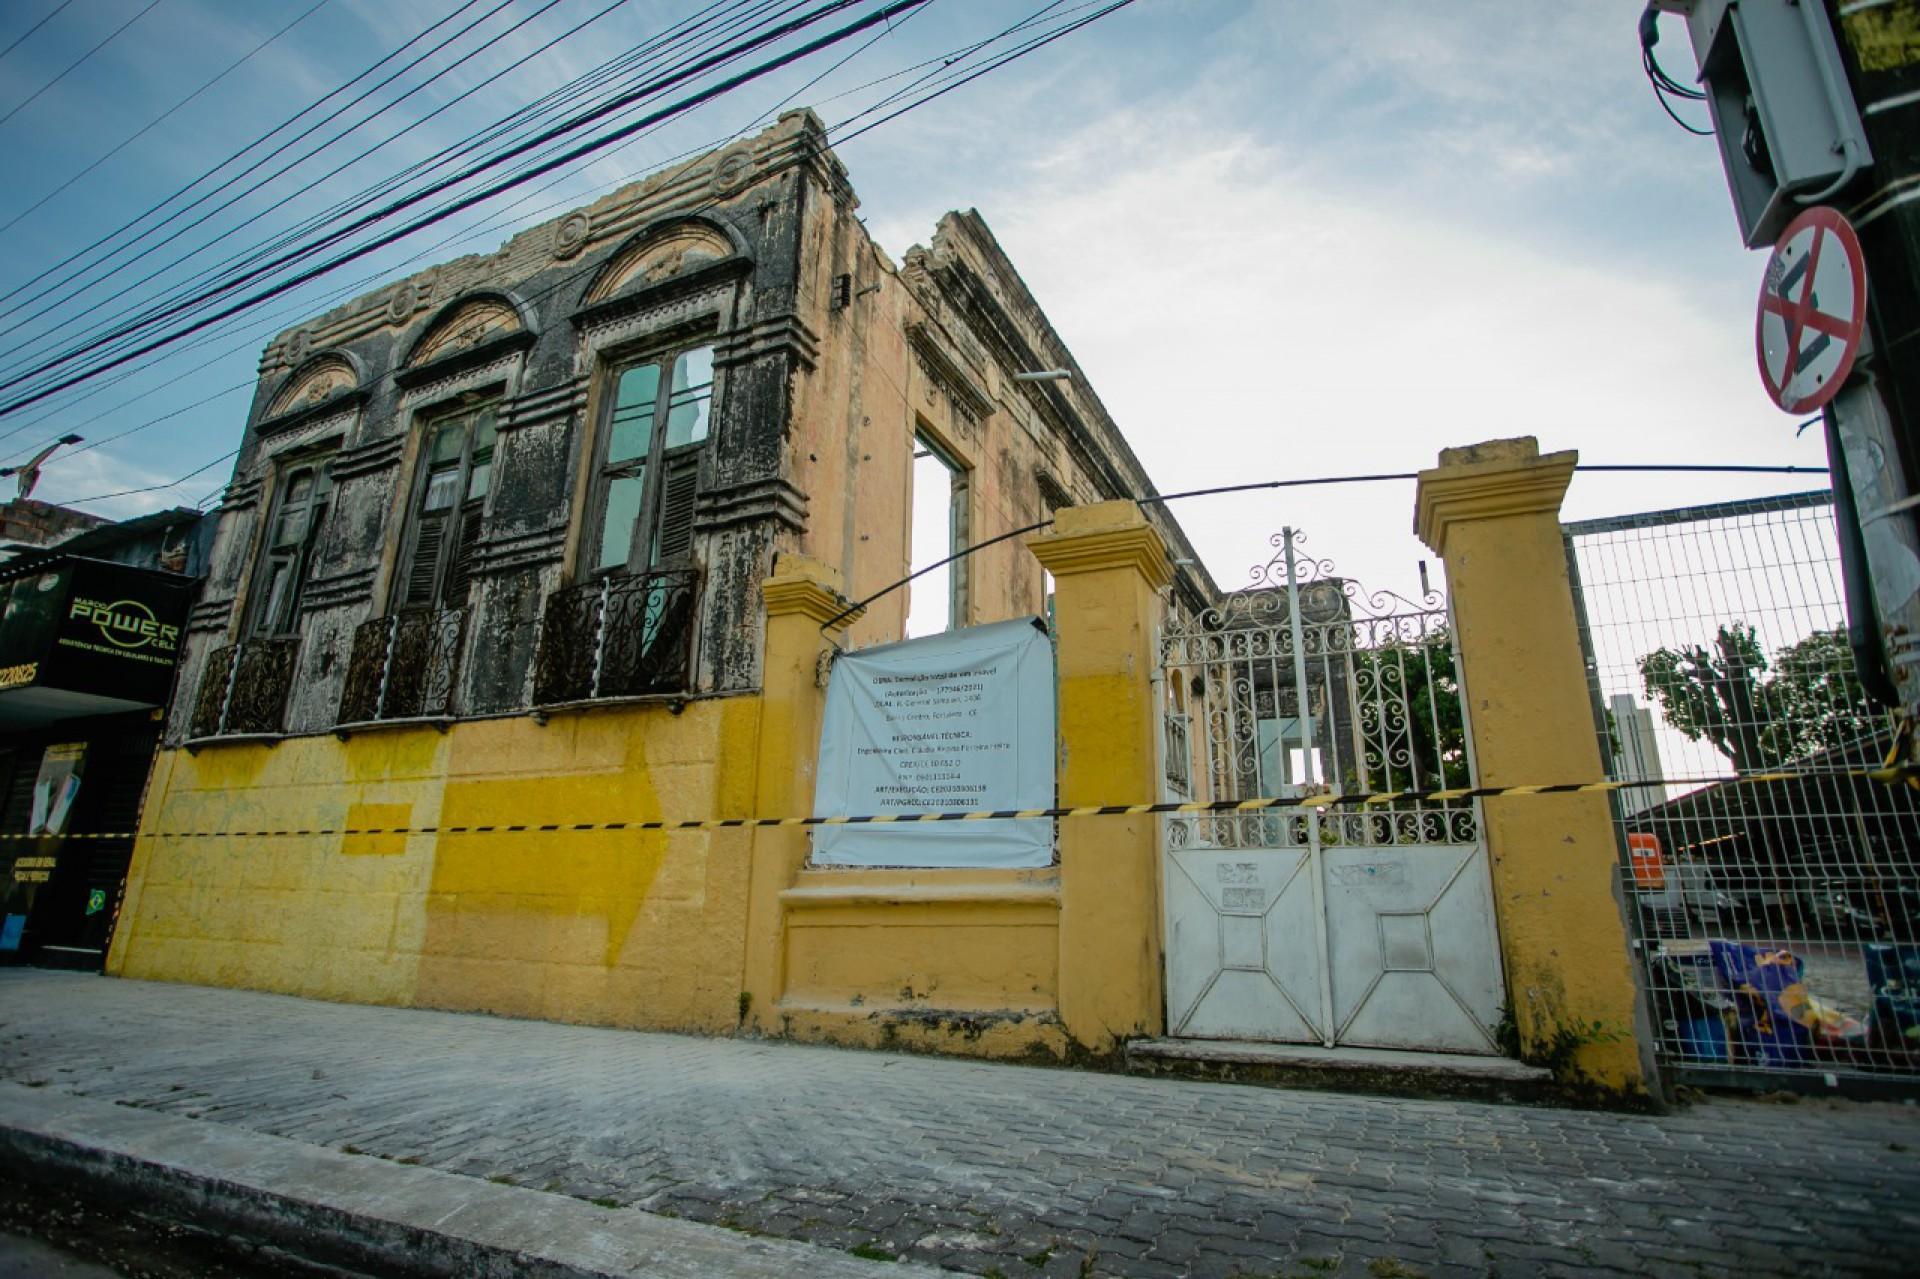 (Foto: Foto: Aurélio Alves)Demolição do Casarão dos Gondim, que estava em processo de tombamento. Foto tirada neste sábado, 17 de julho